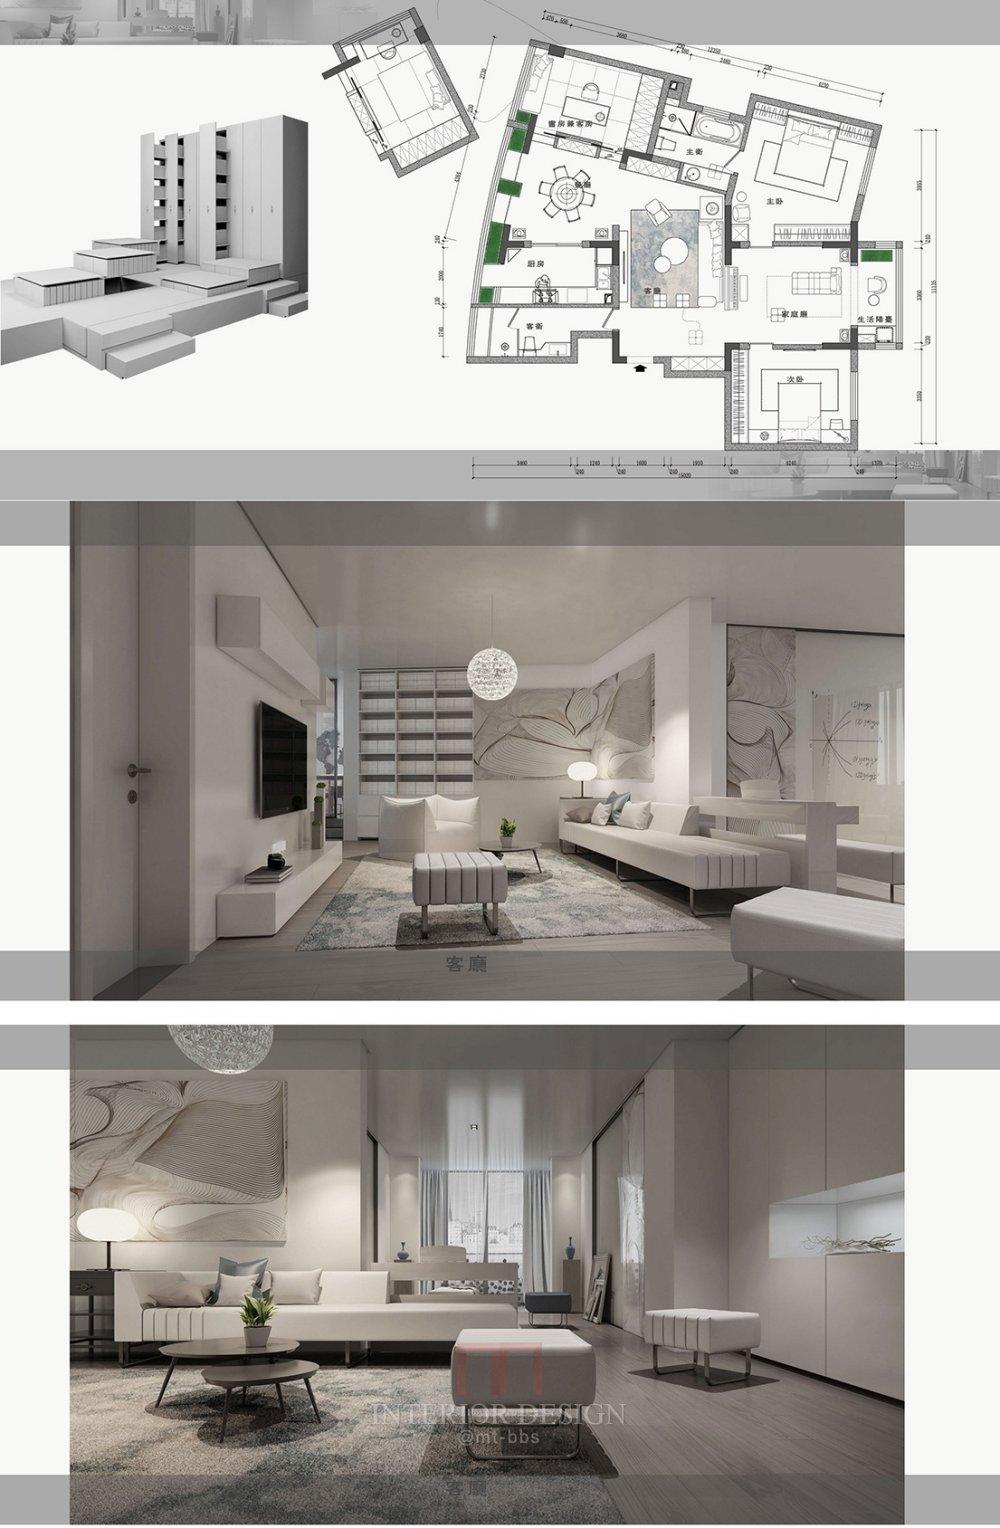 【第18期-住宅平面优化】藏书万卷的教师住宅11个方案 投票_06-1.jpg